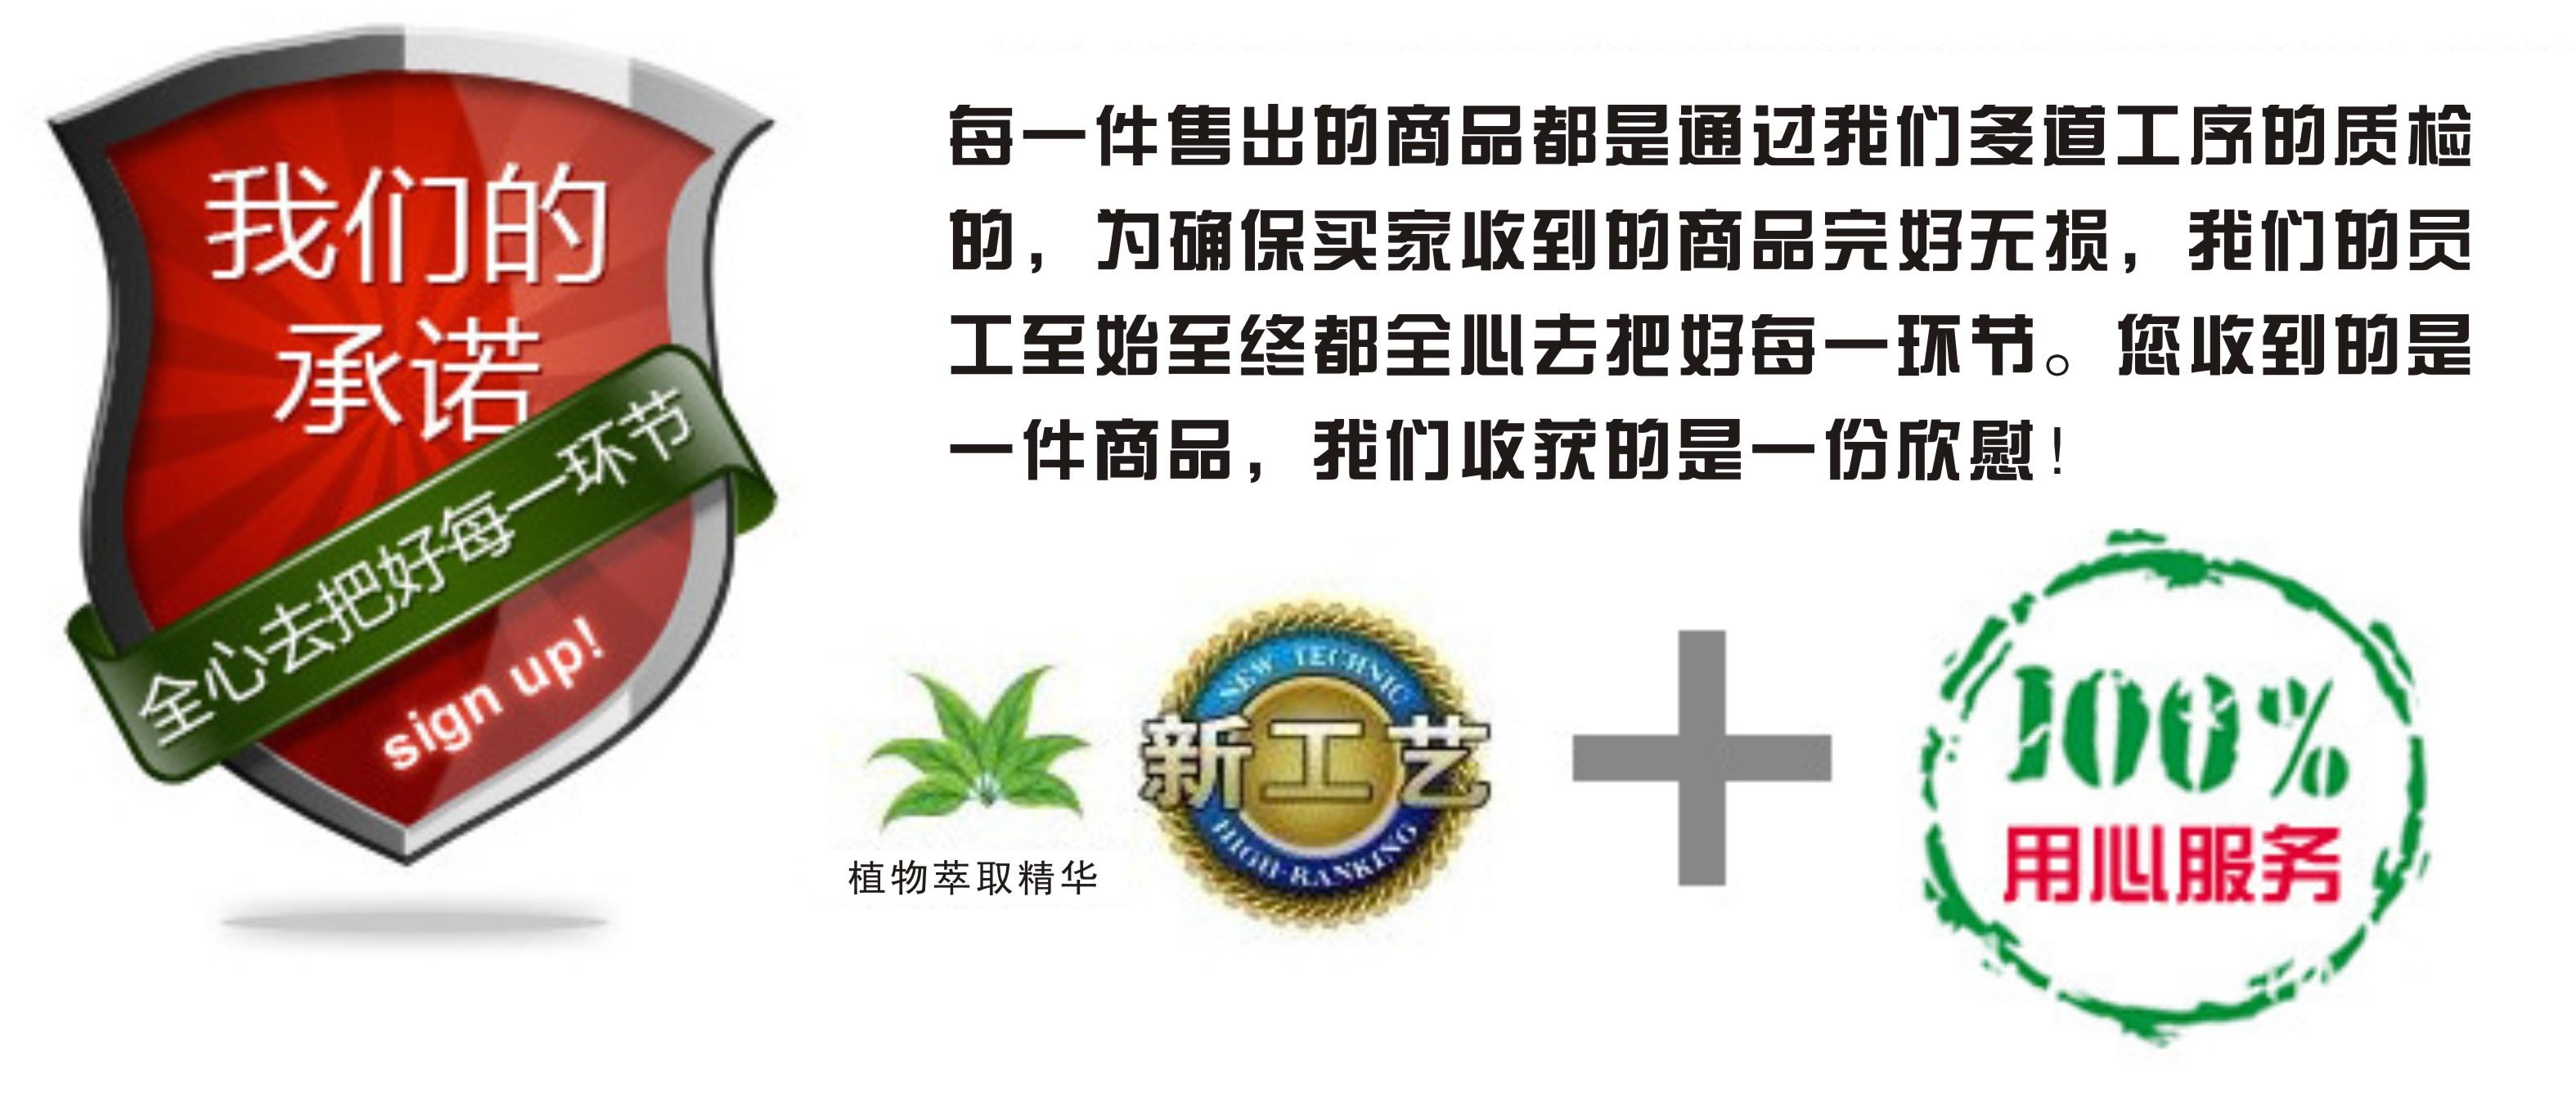 假葉樹提取物  魯斯可皂甙  純植物提取示例圖10